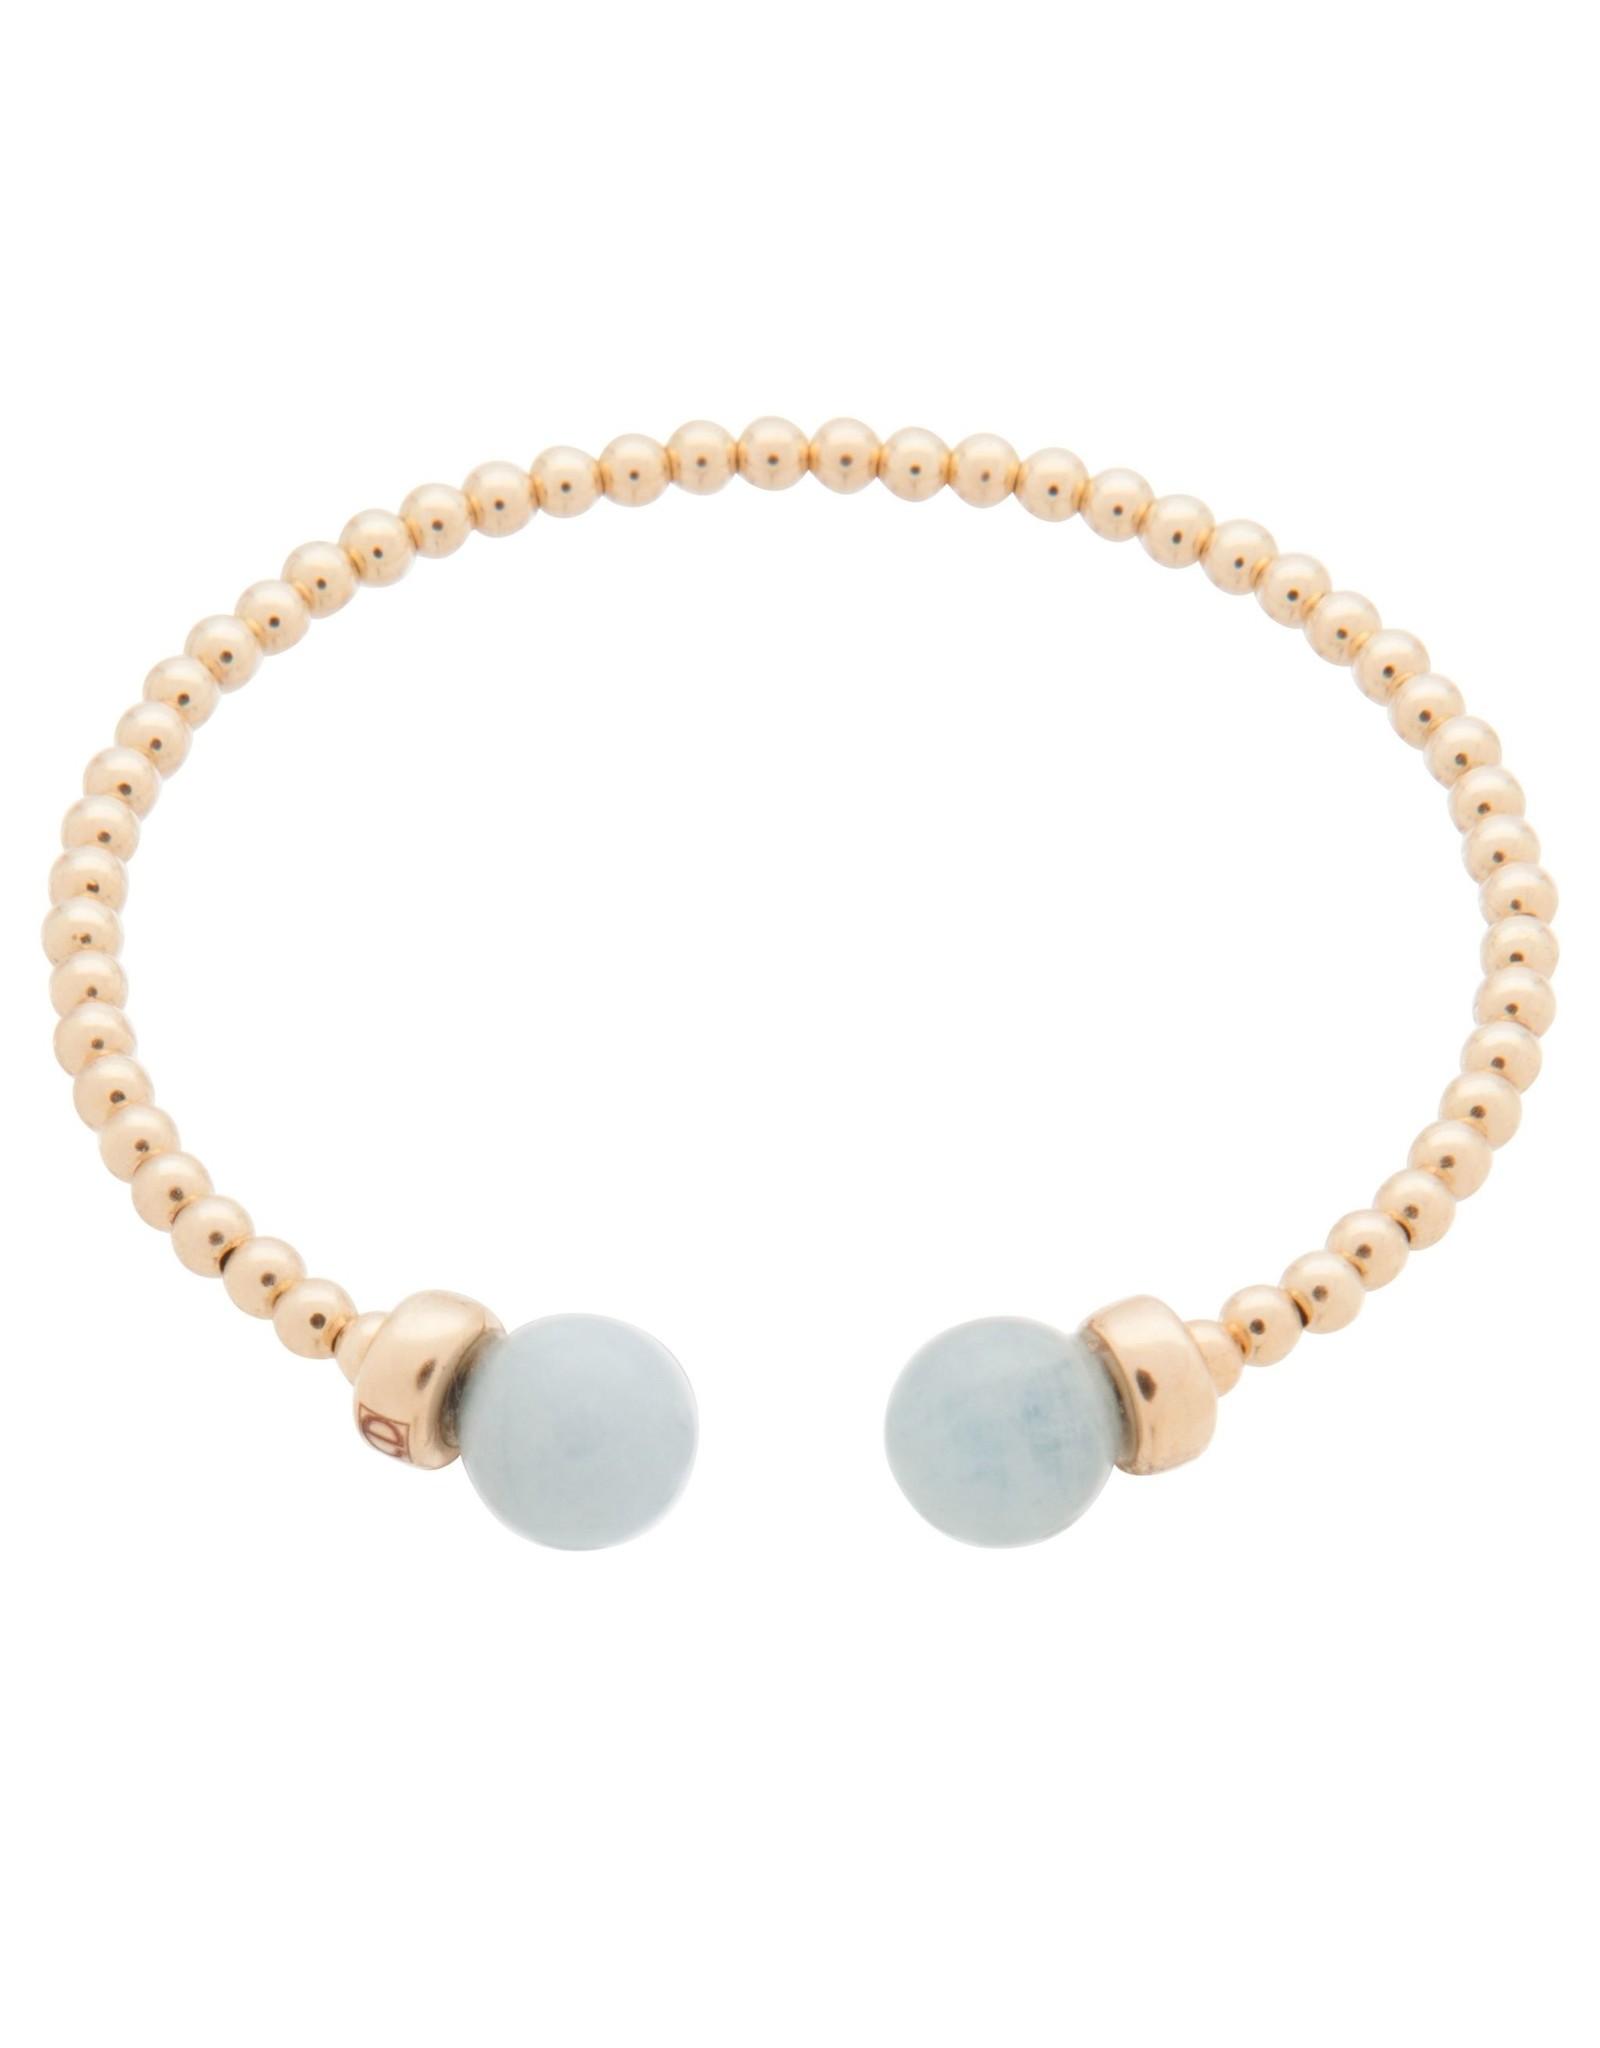 Classic Gold 3mm Bead Cuff Blue Lace Agate